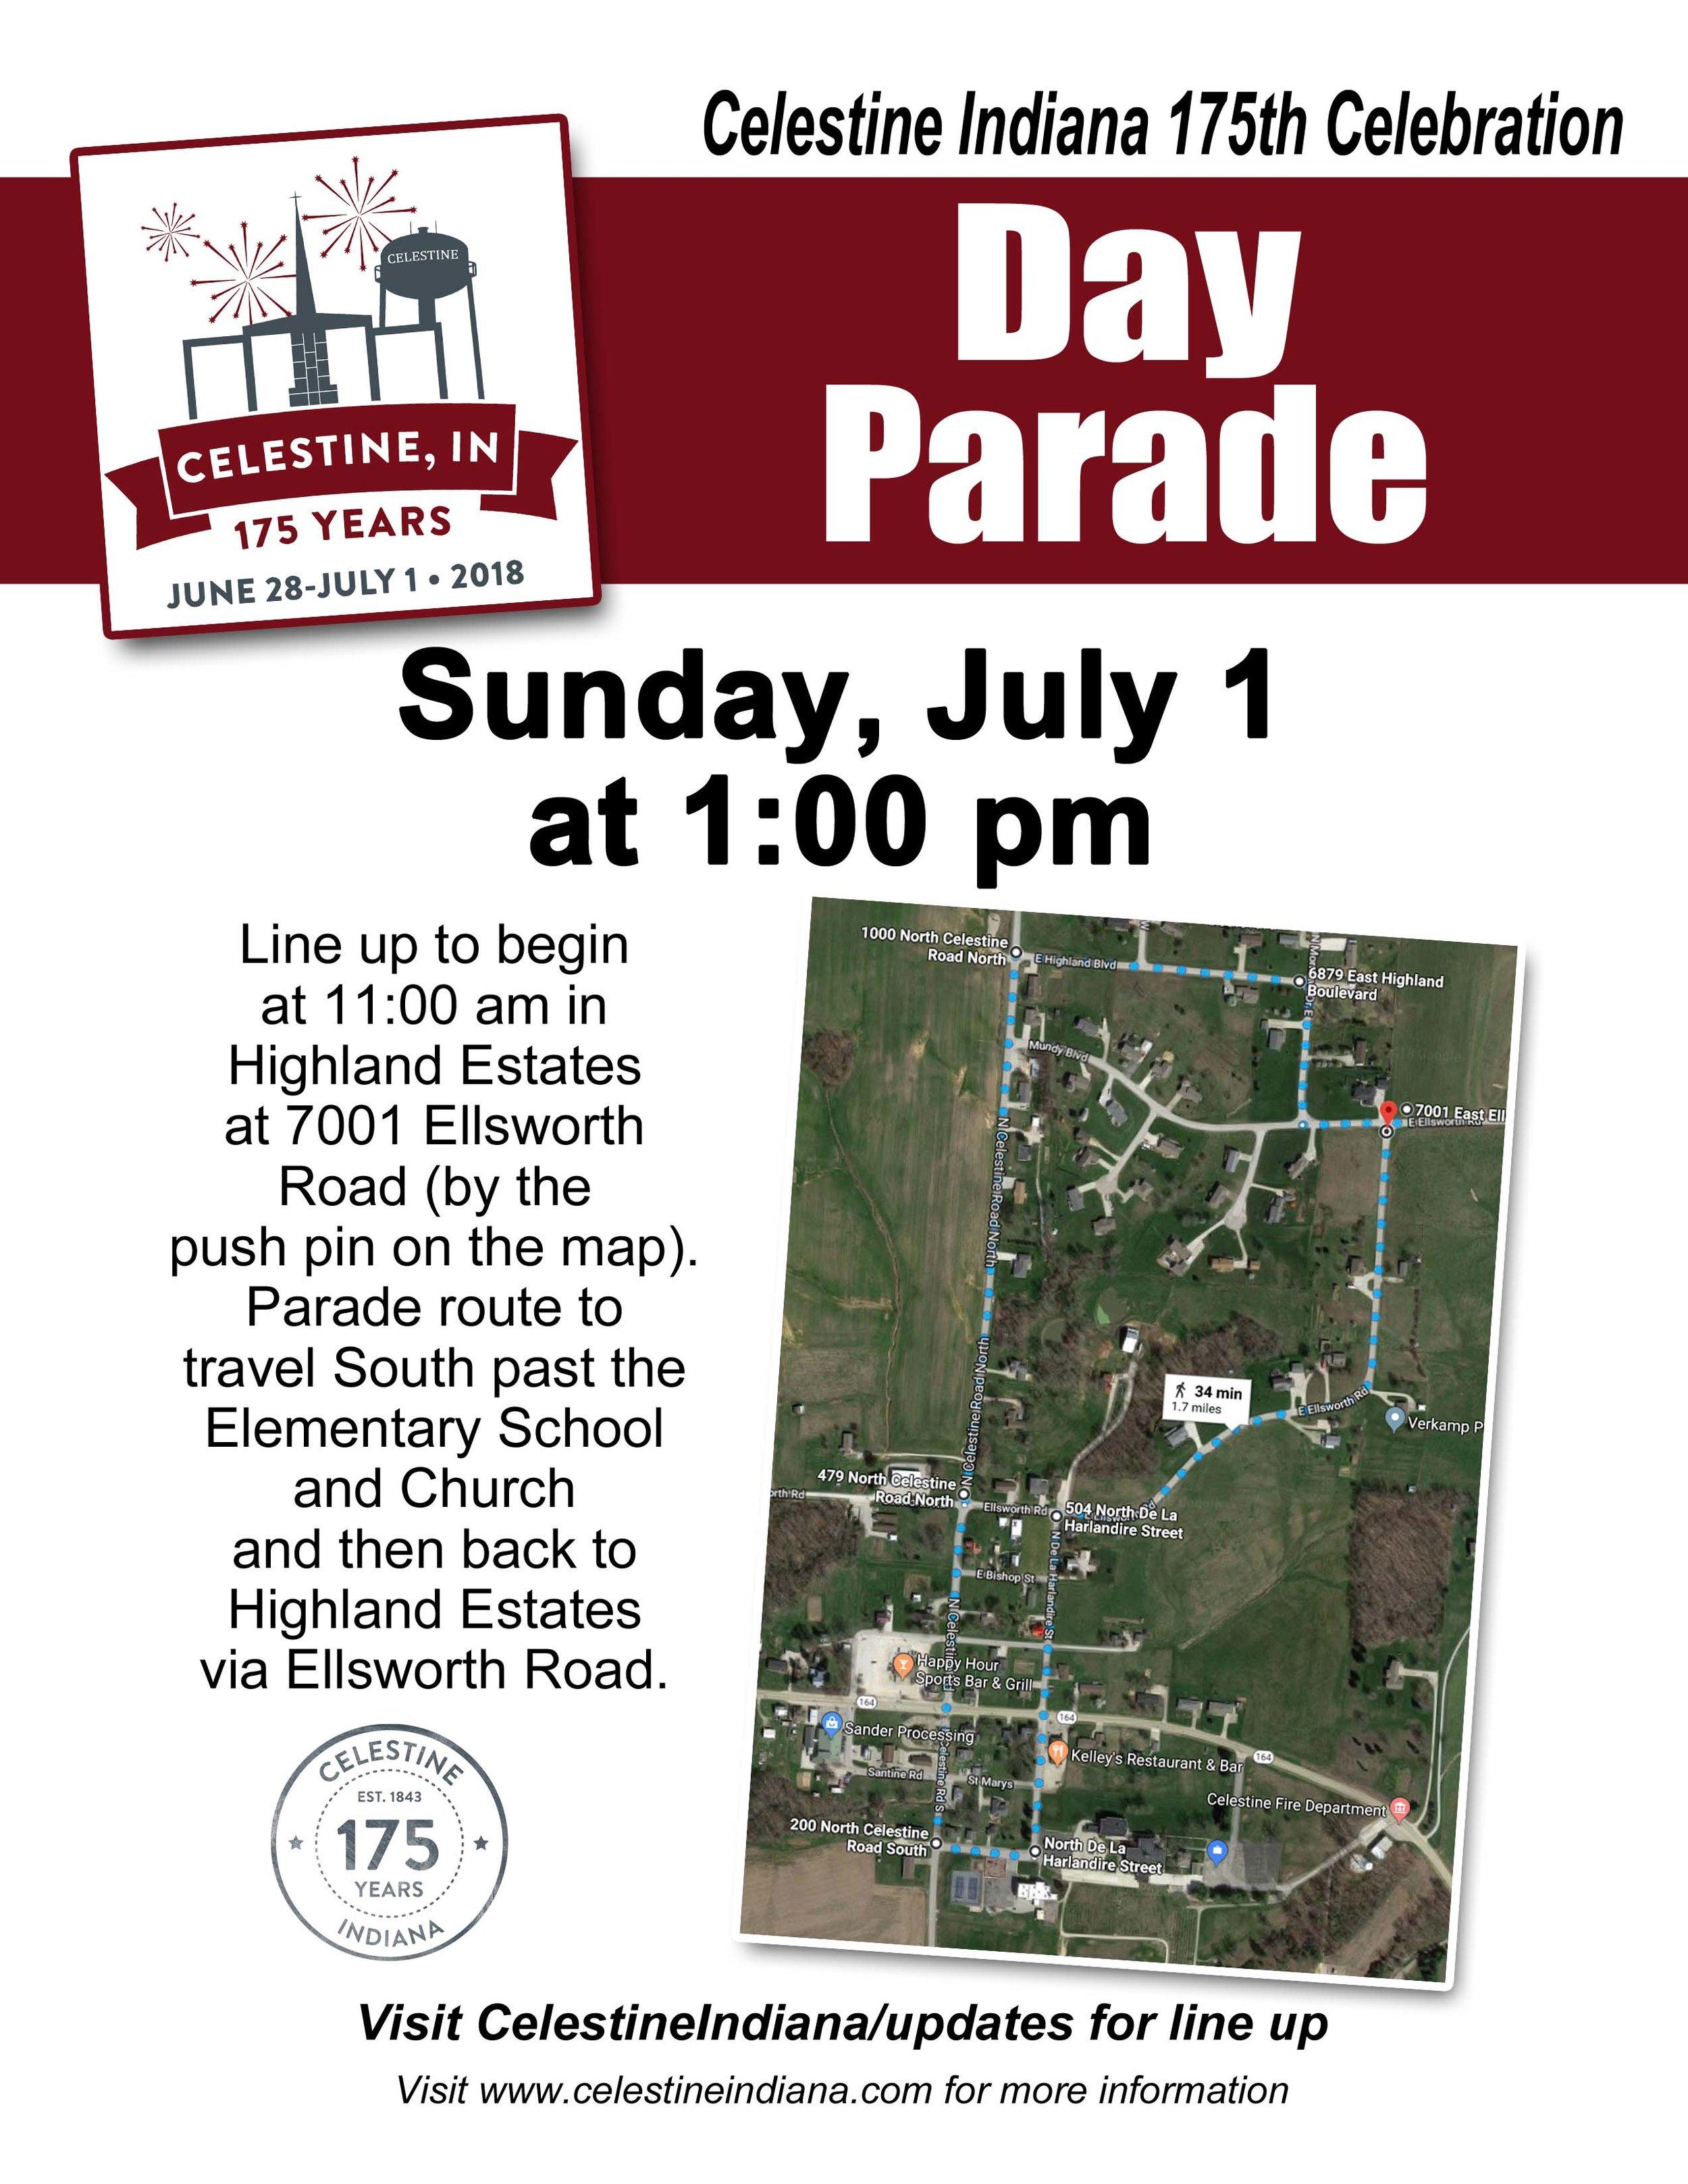 Day Parade Flyer2_edited-1.jpg